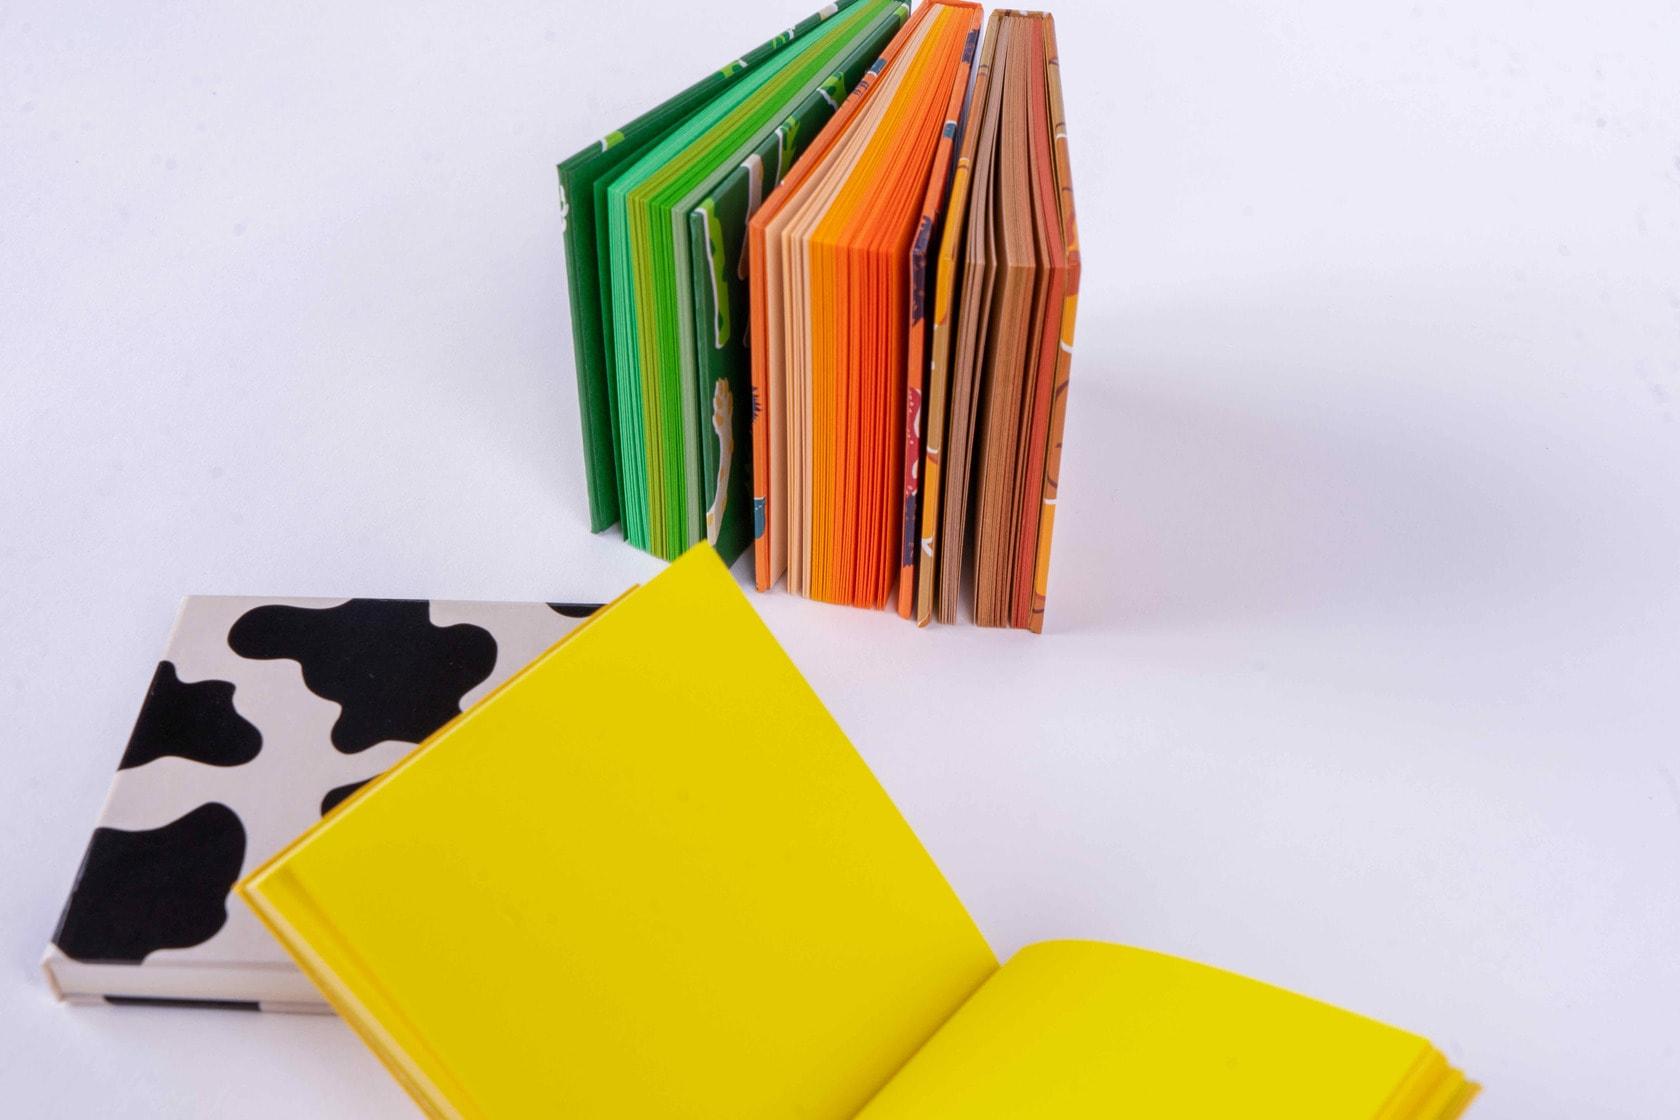 メモ帳の本紙が見える状態に並べる,booco DELICIOUS COLOR ハードカバー(MEMO)